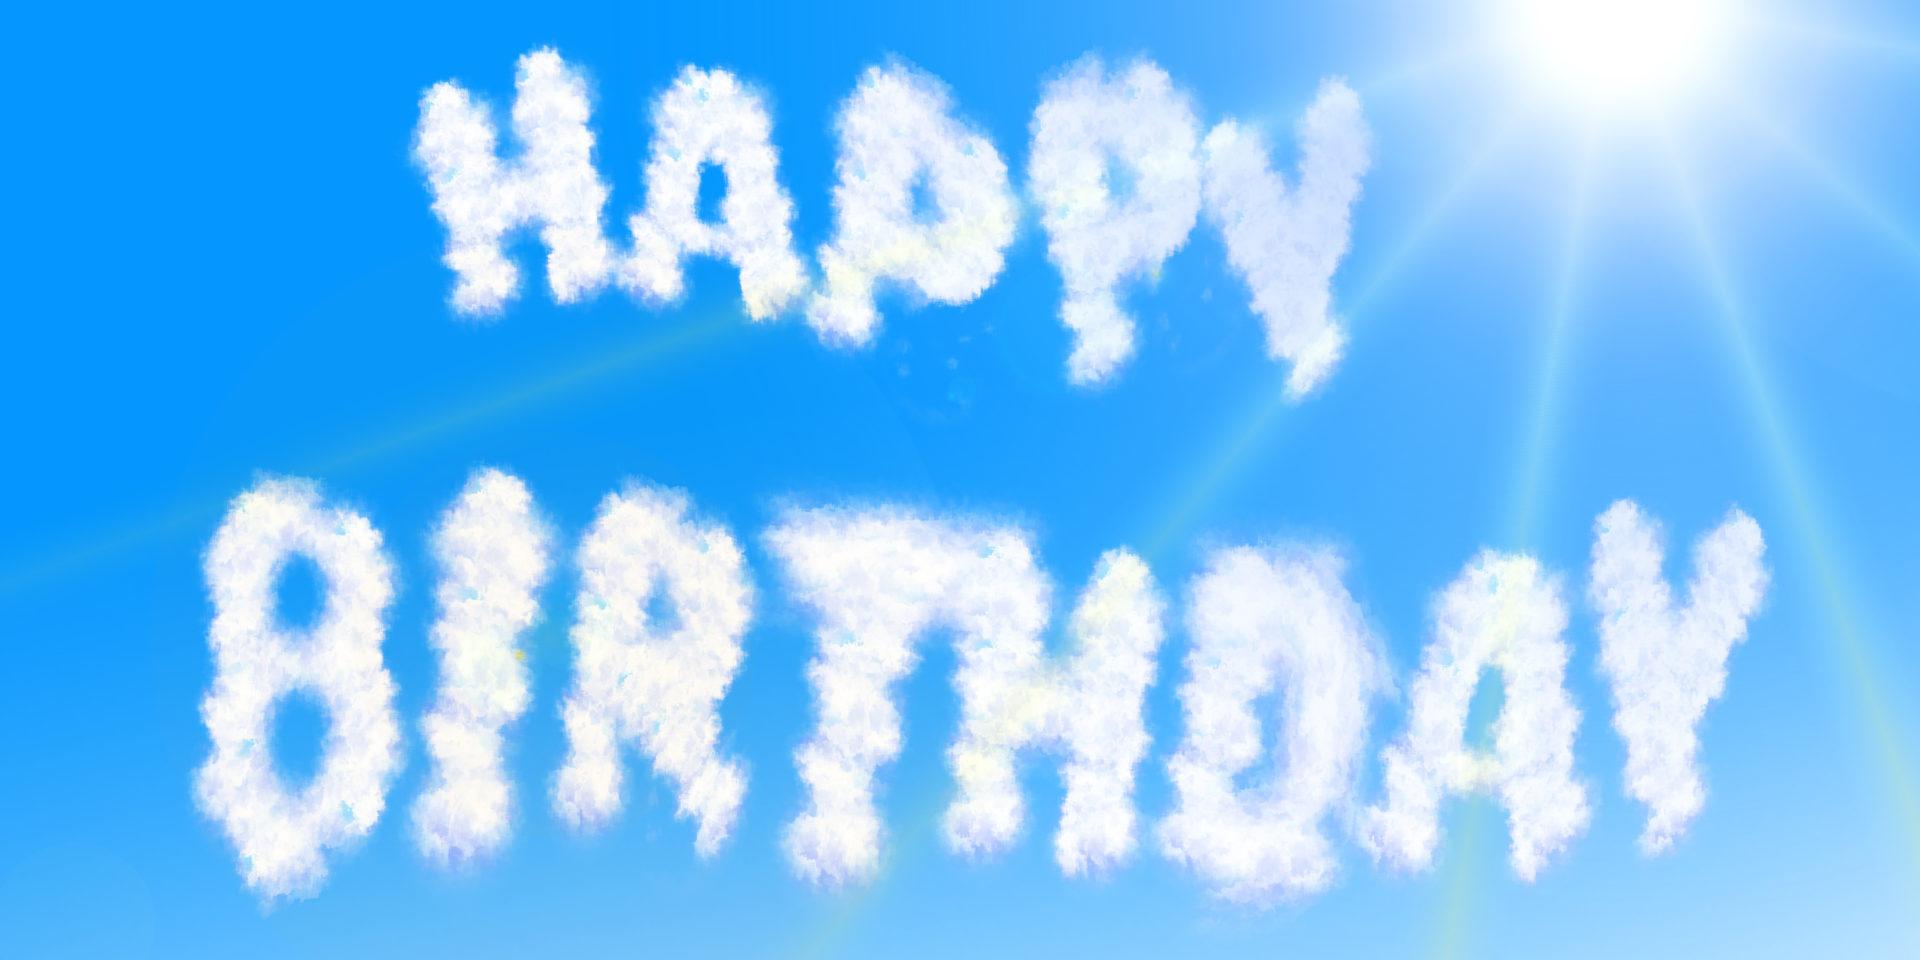 Happy Birthday! Wolcken